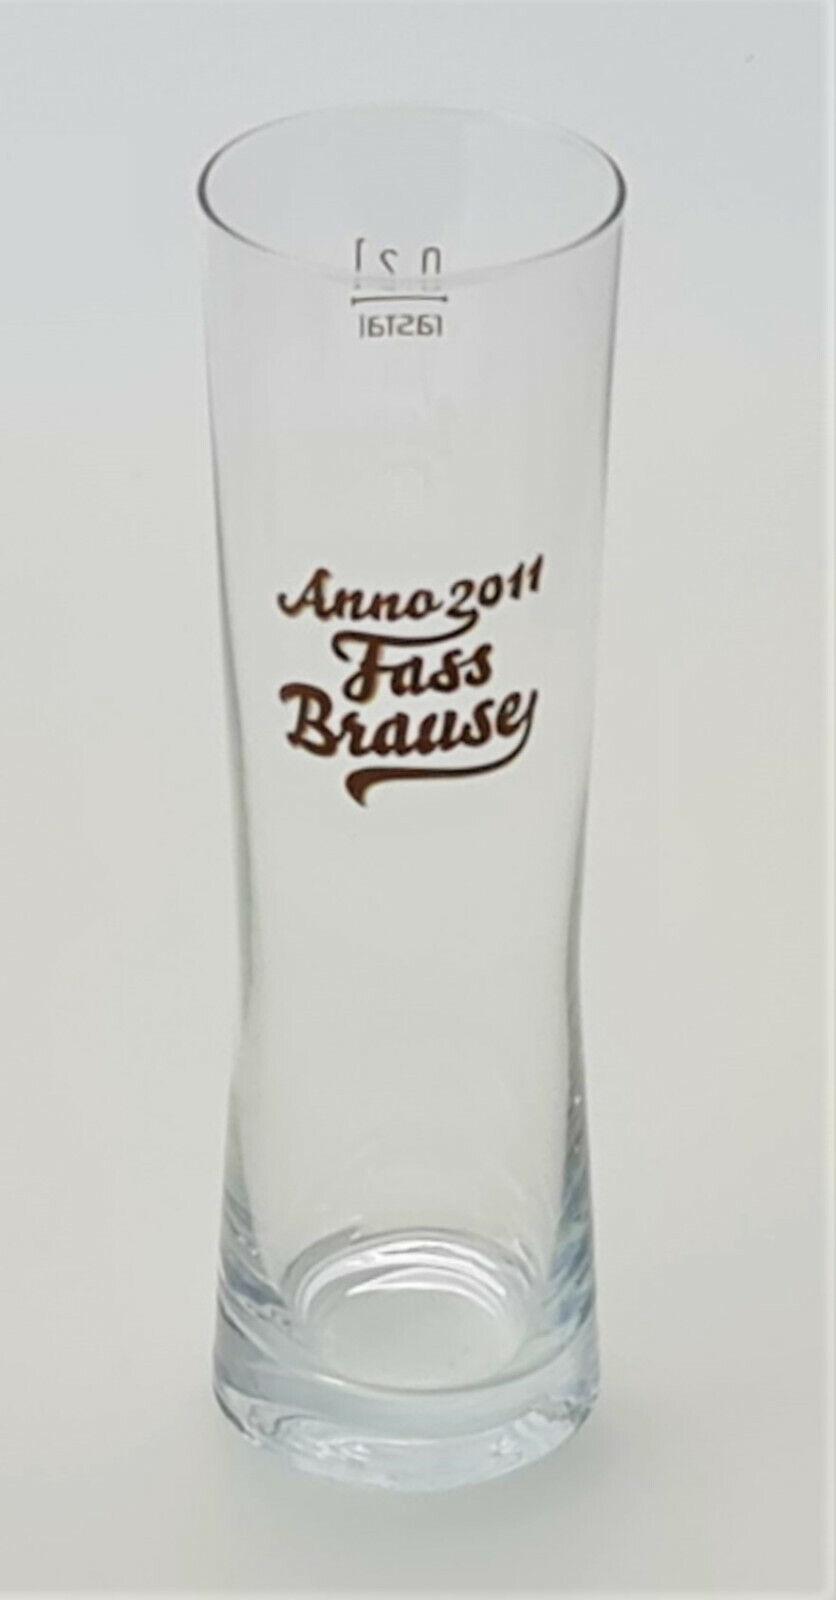 Anno 2011 Fassbrause Glas 0,2 l Erfrischung Isotonisch Alkoholfrei Party(5070-1)